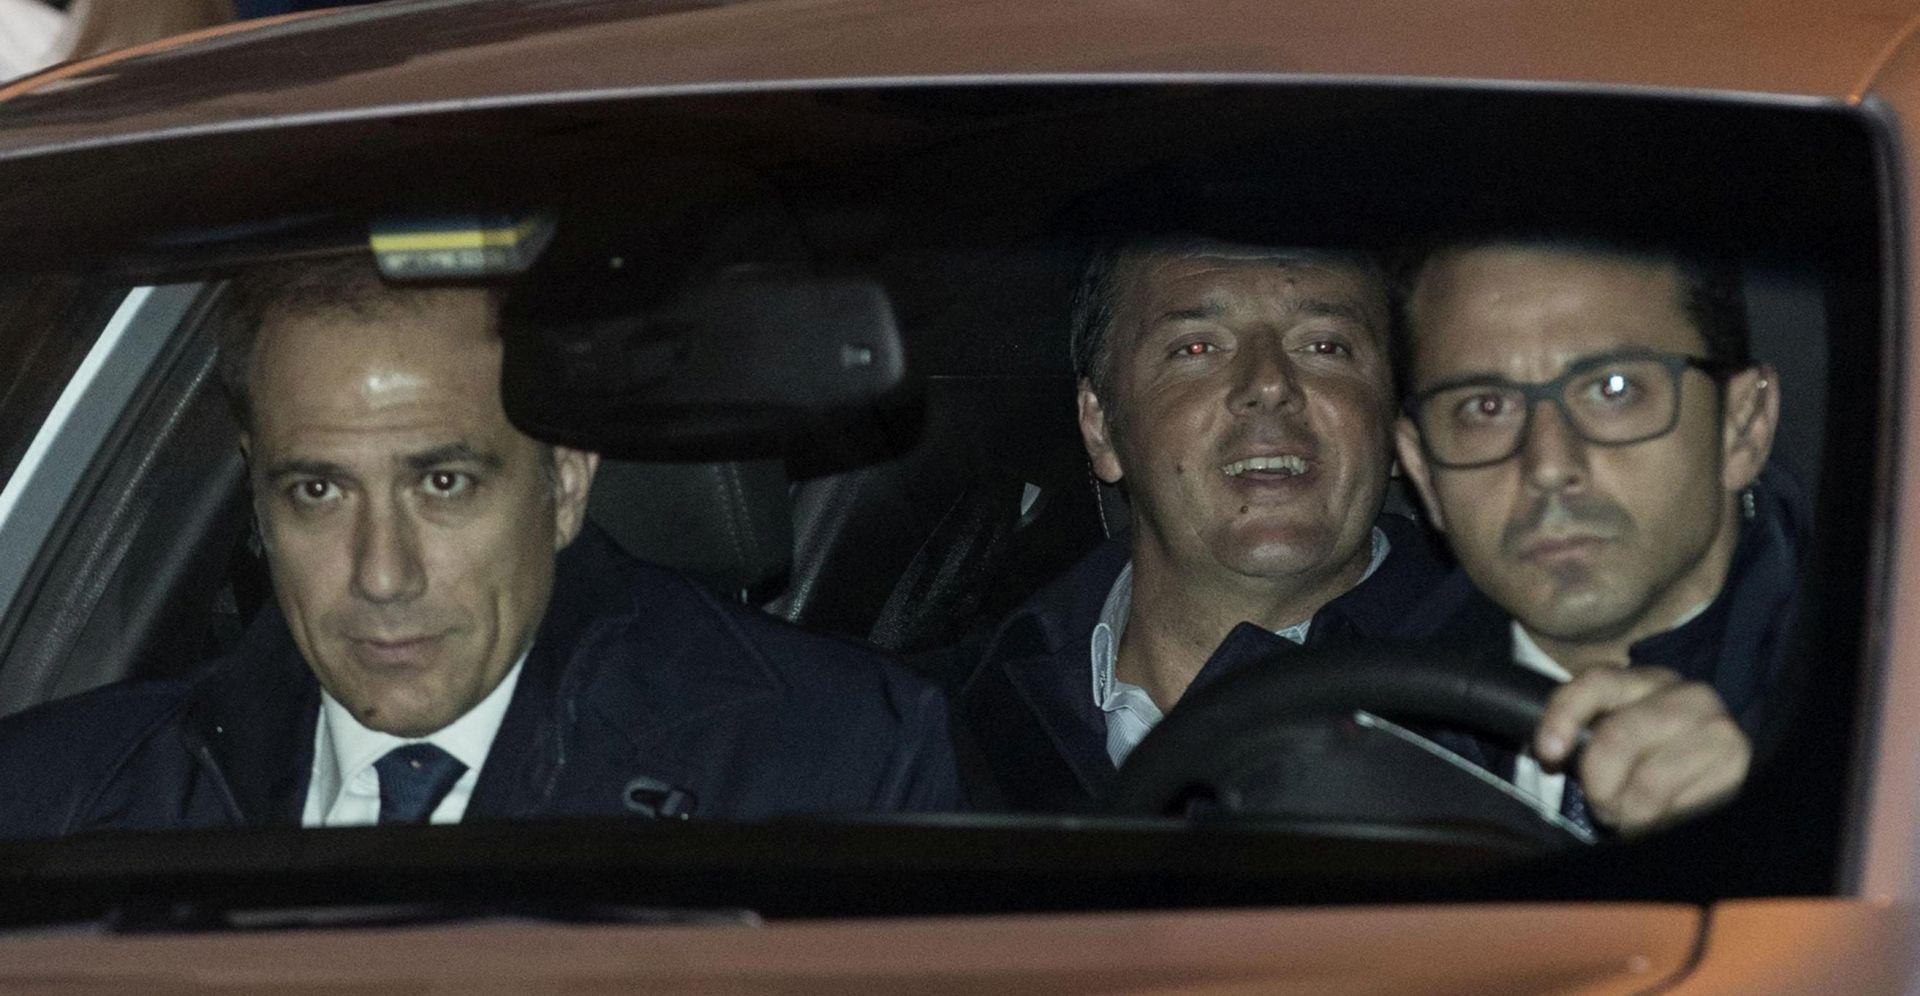 Matteo Renzi podnio ostavku na dužnost talijanskog premijera